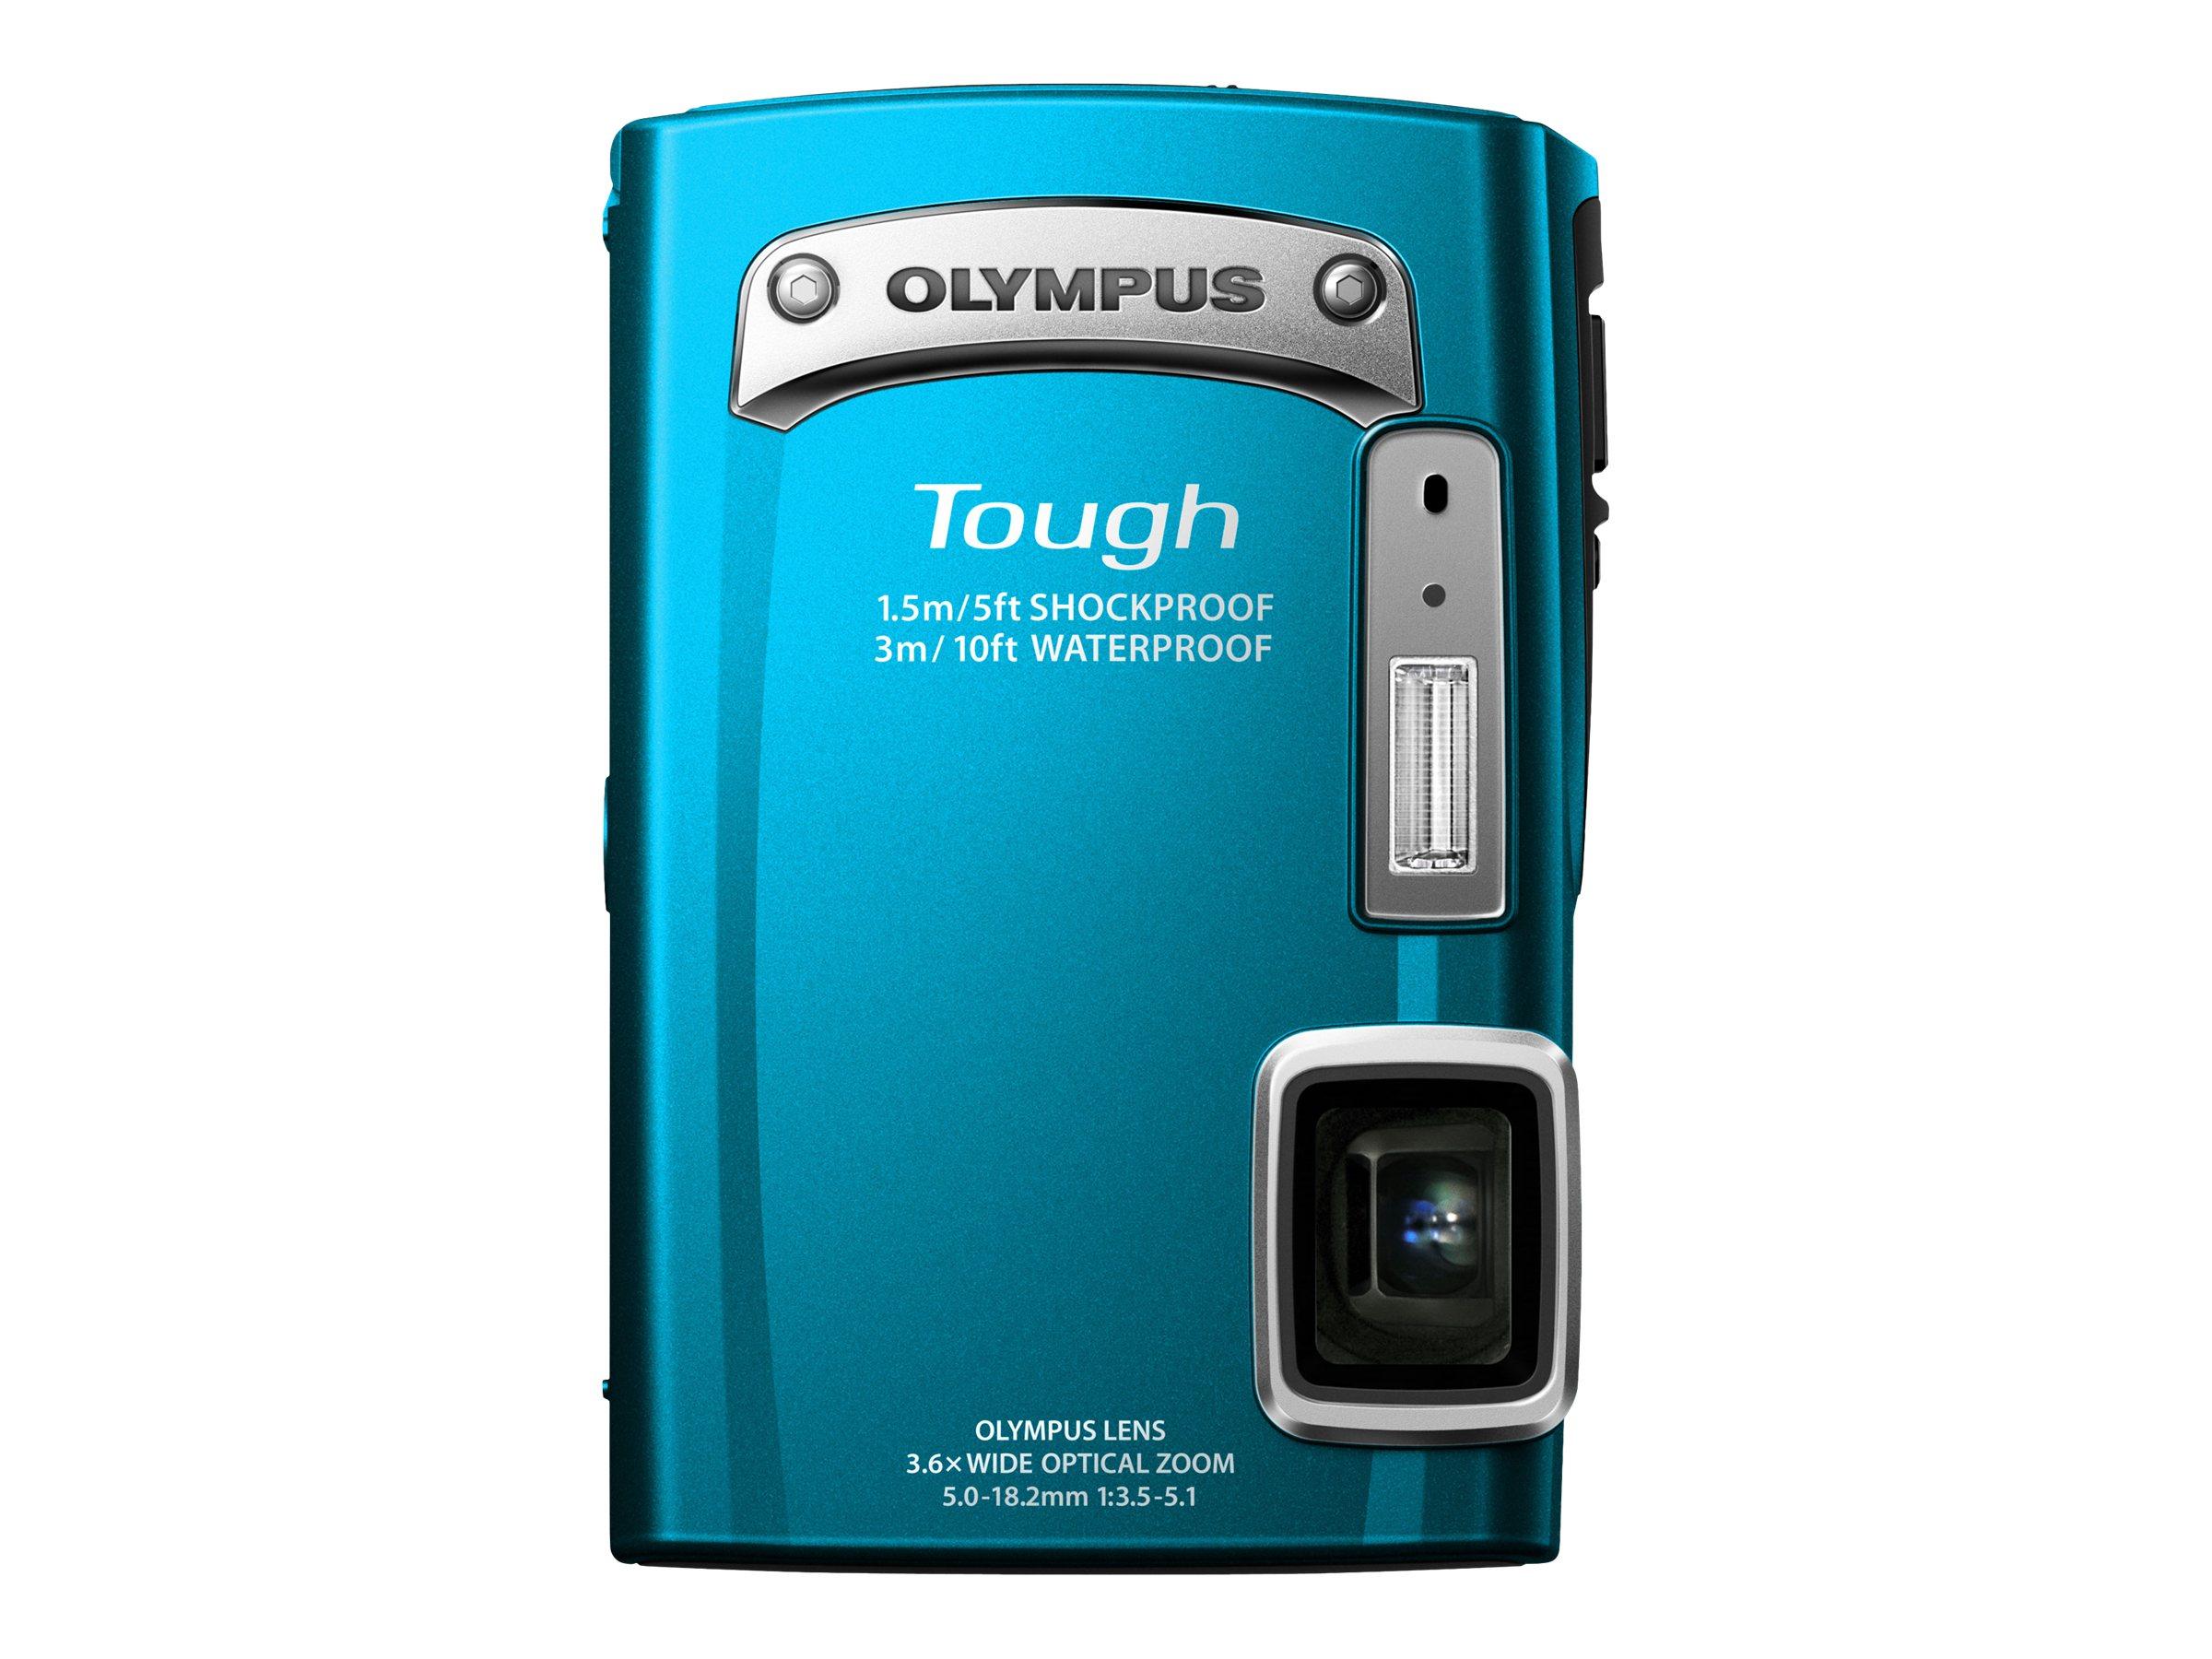 Olympus TG-320 Digital Camera - Blue